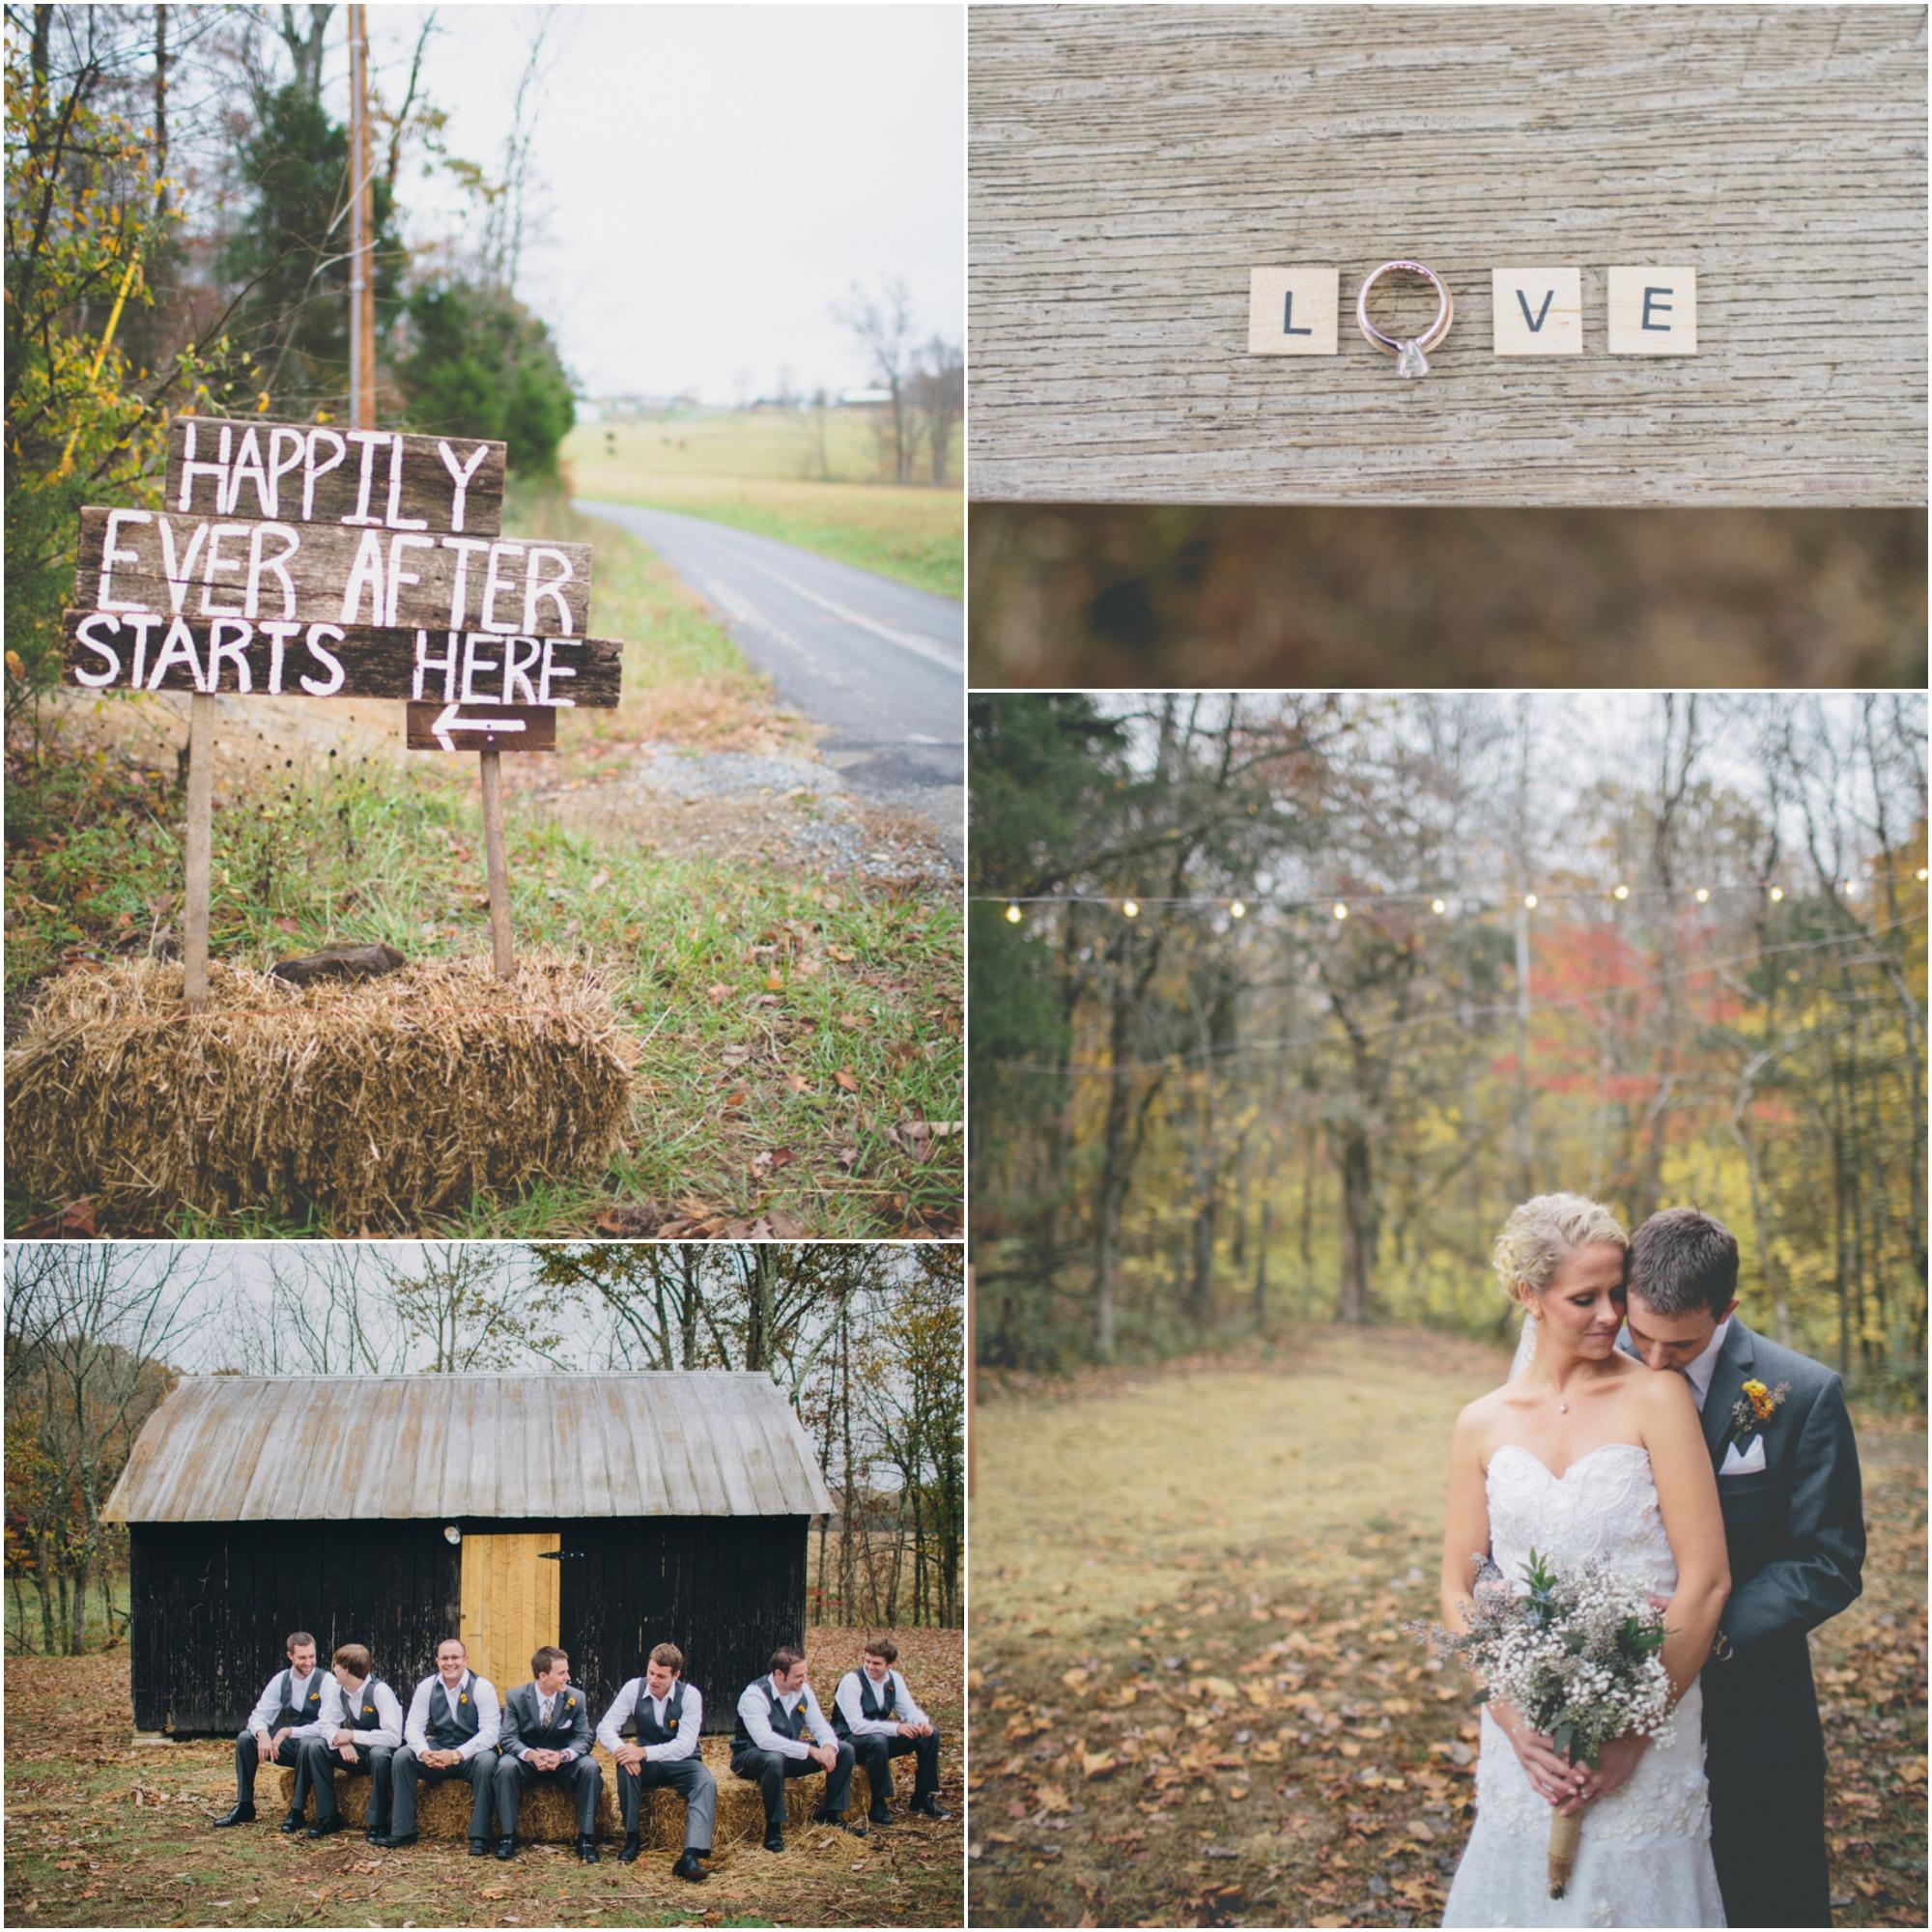 Vintage Barn Wedding Ideas: Vintage Style Farm & Barn Wedding